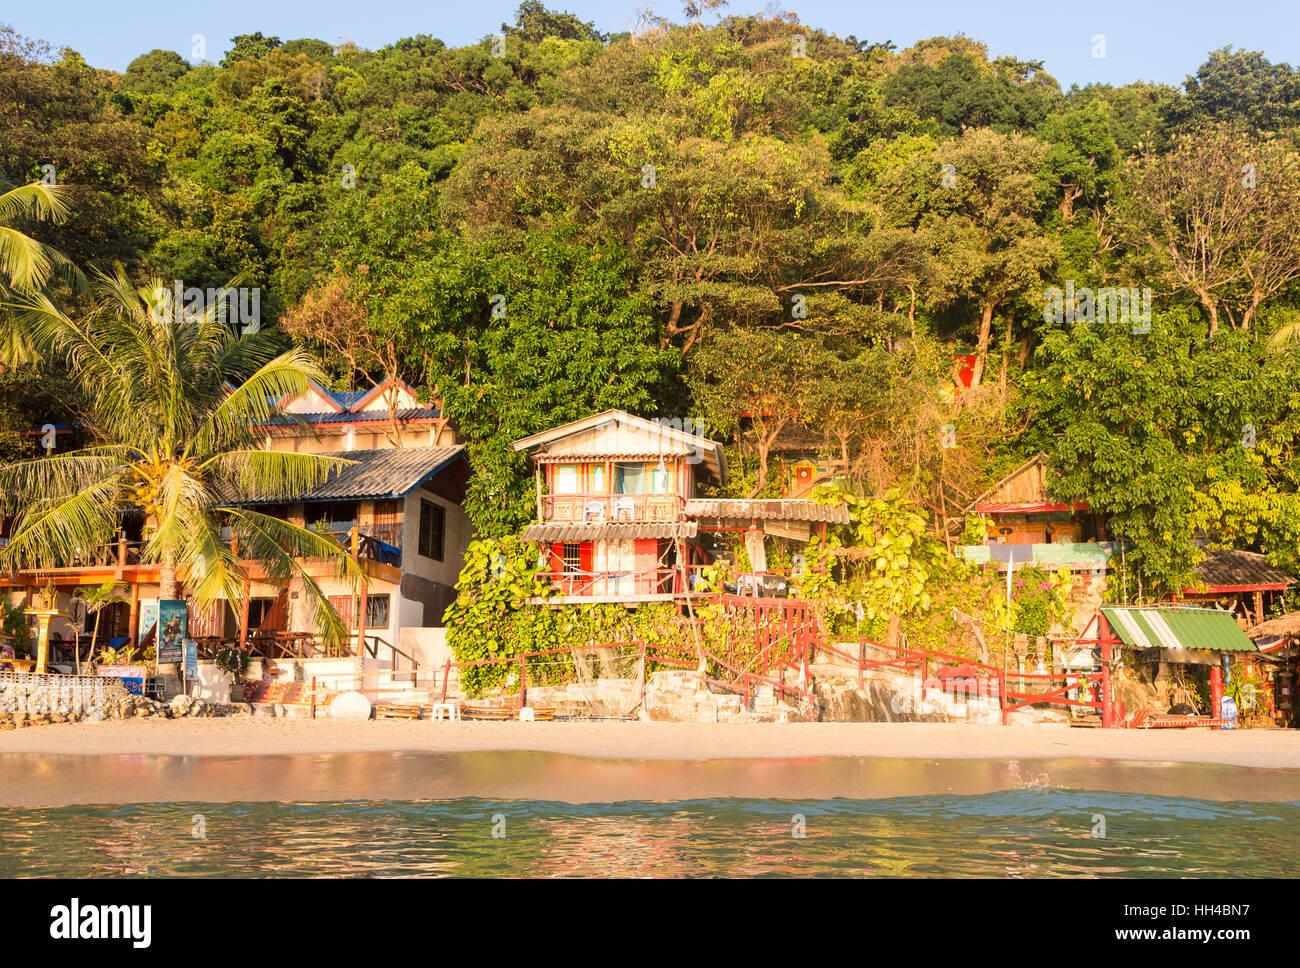 Funky Pension am weißen Sandstrand auf der Insel Koh Chang im Golf von Thailand. Stockbild